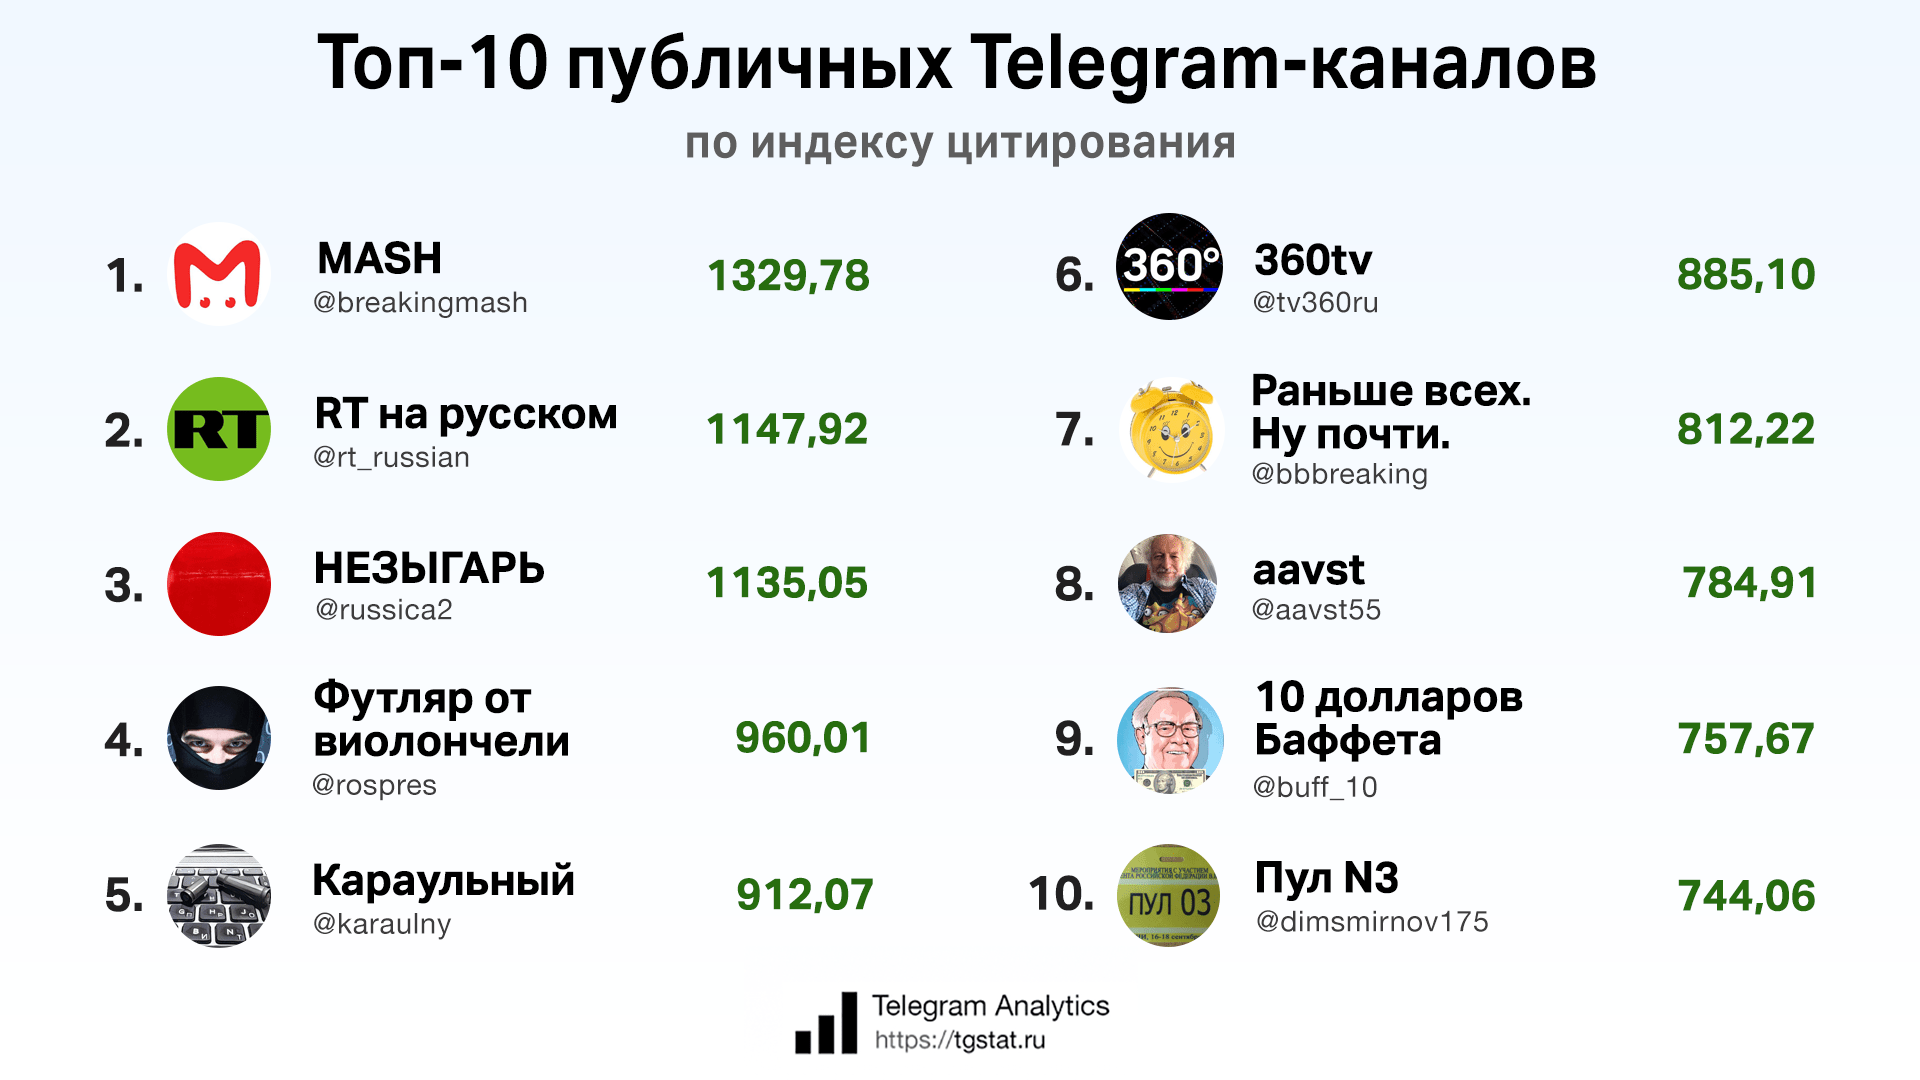 Топ-10 каналов Telegram за 2019